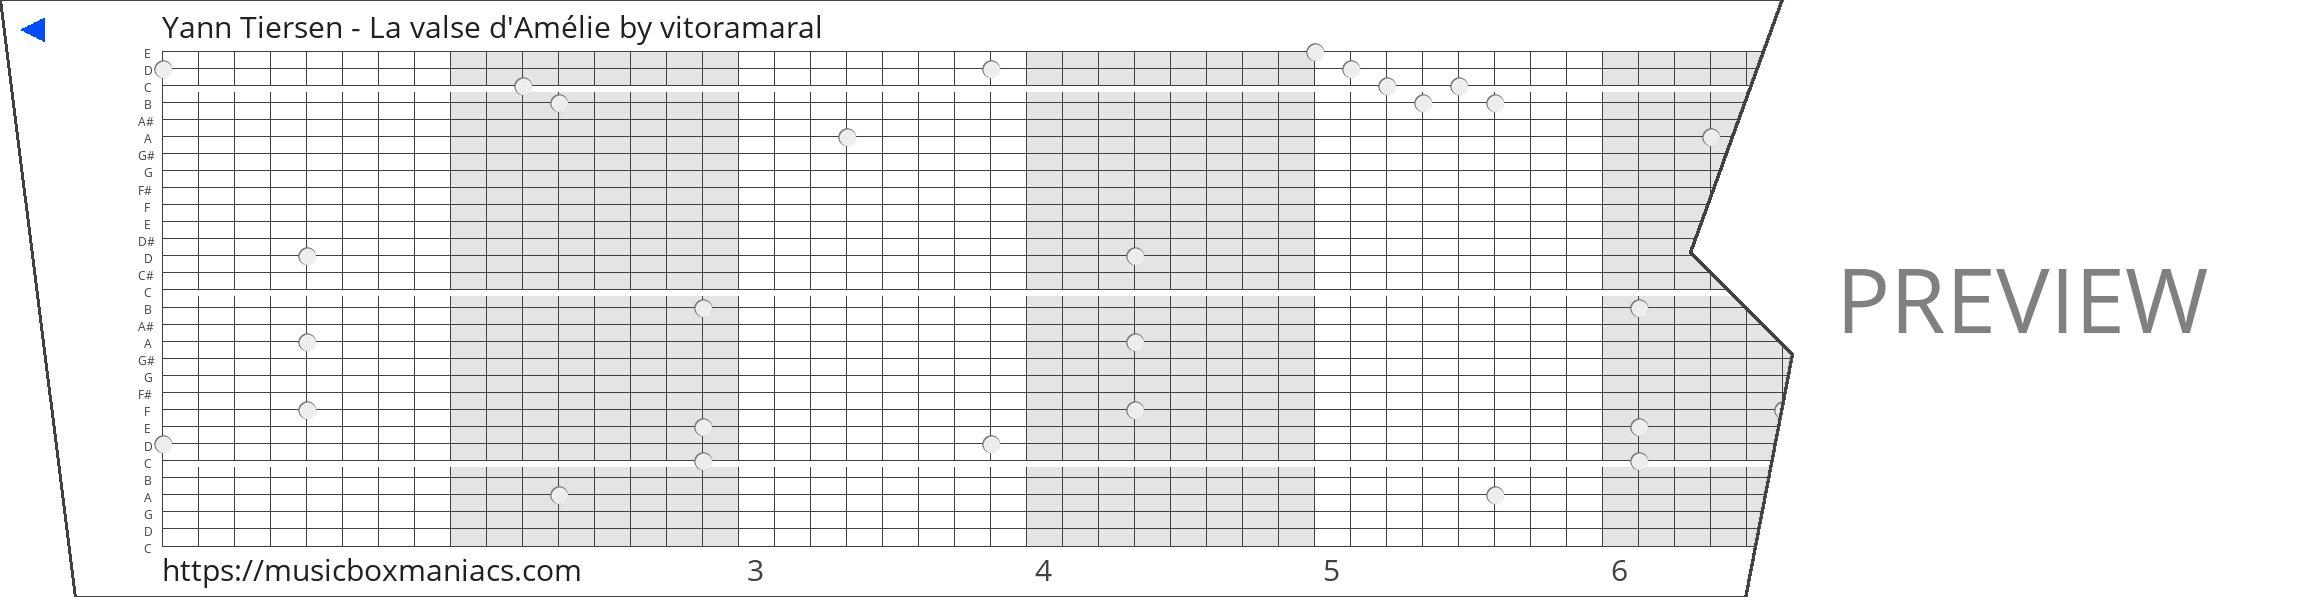 Yann Tiersen - La valse d'Amélie 30 note music box paper strip